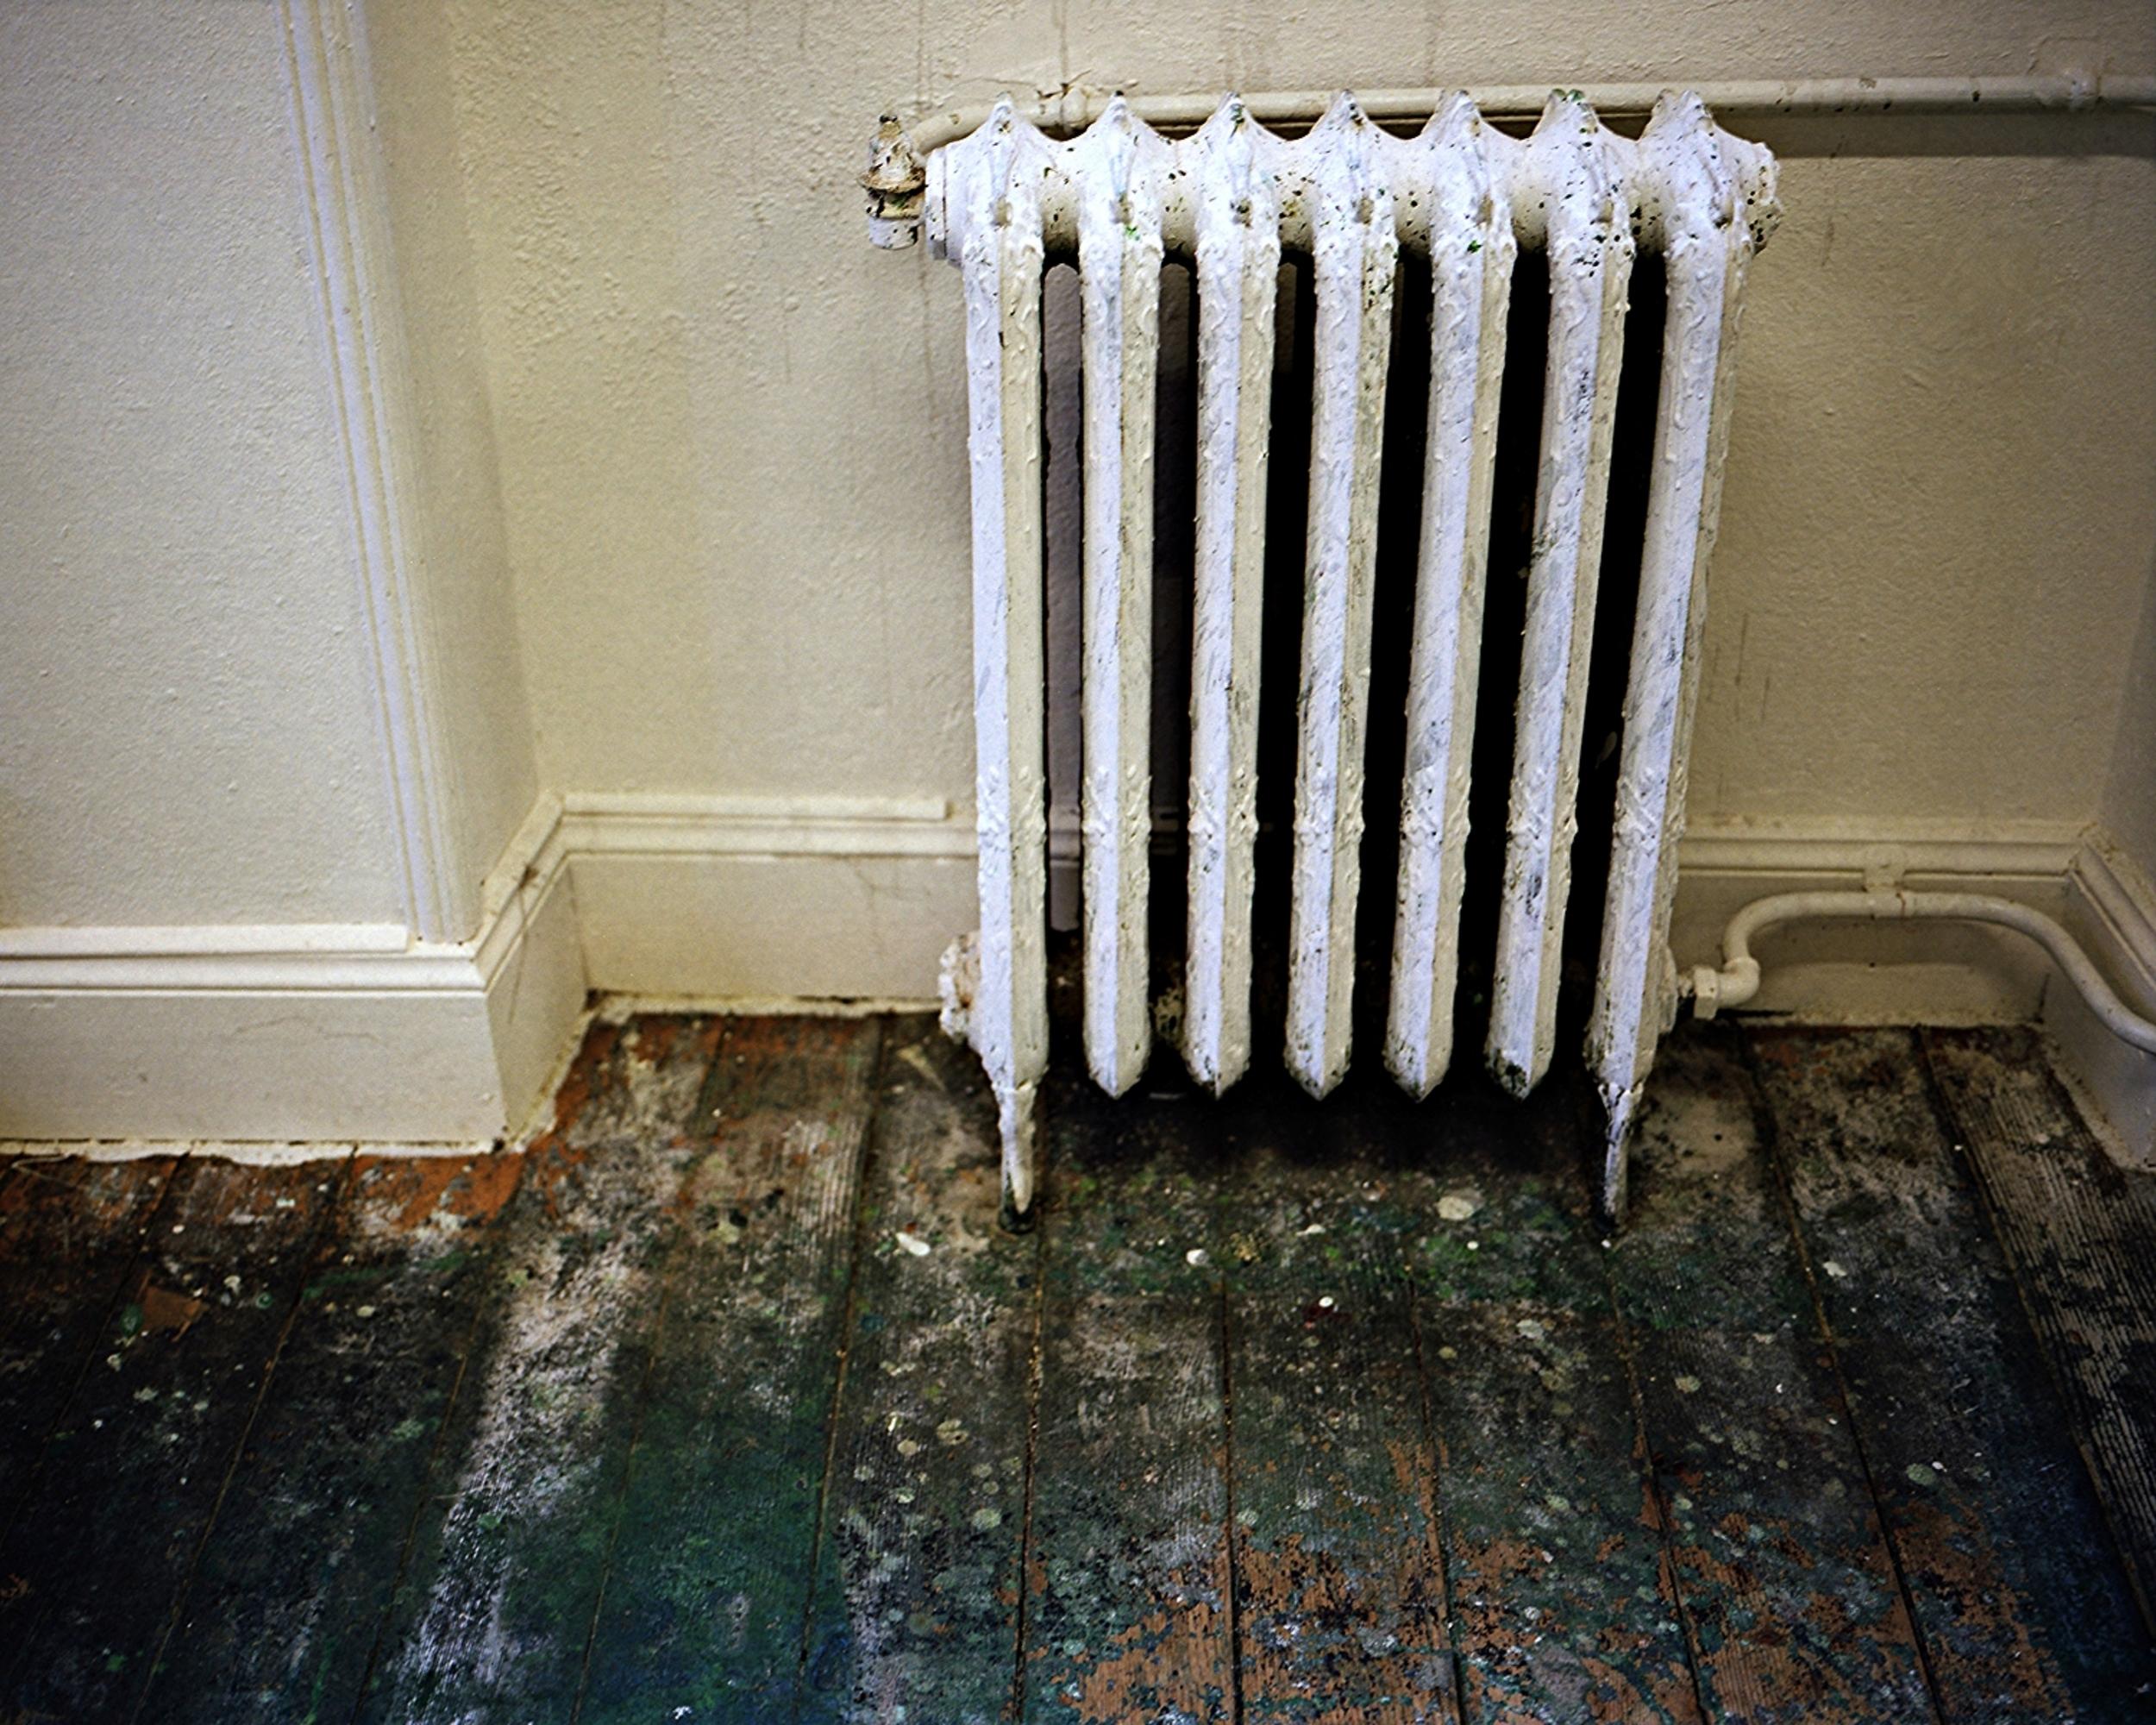 Le radiateur de la salle des maître.